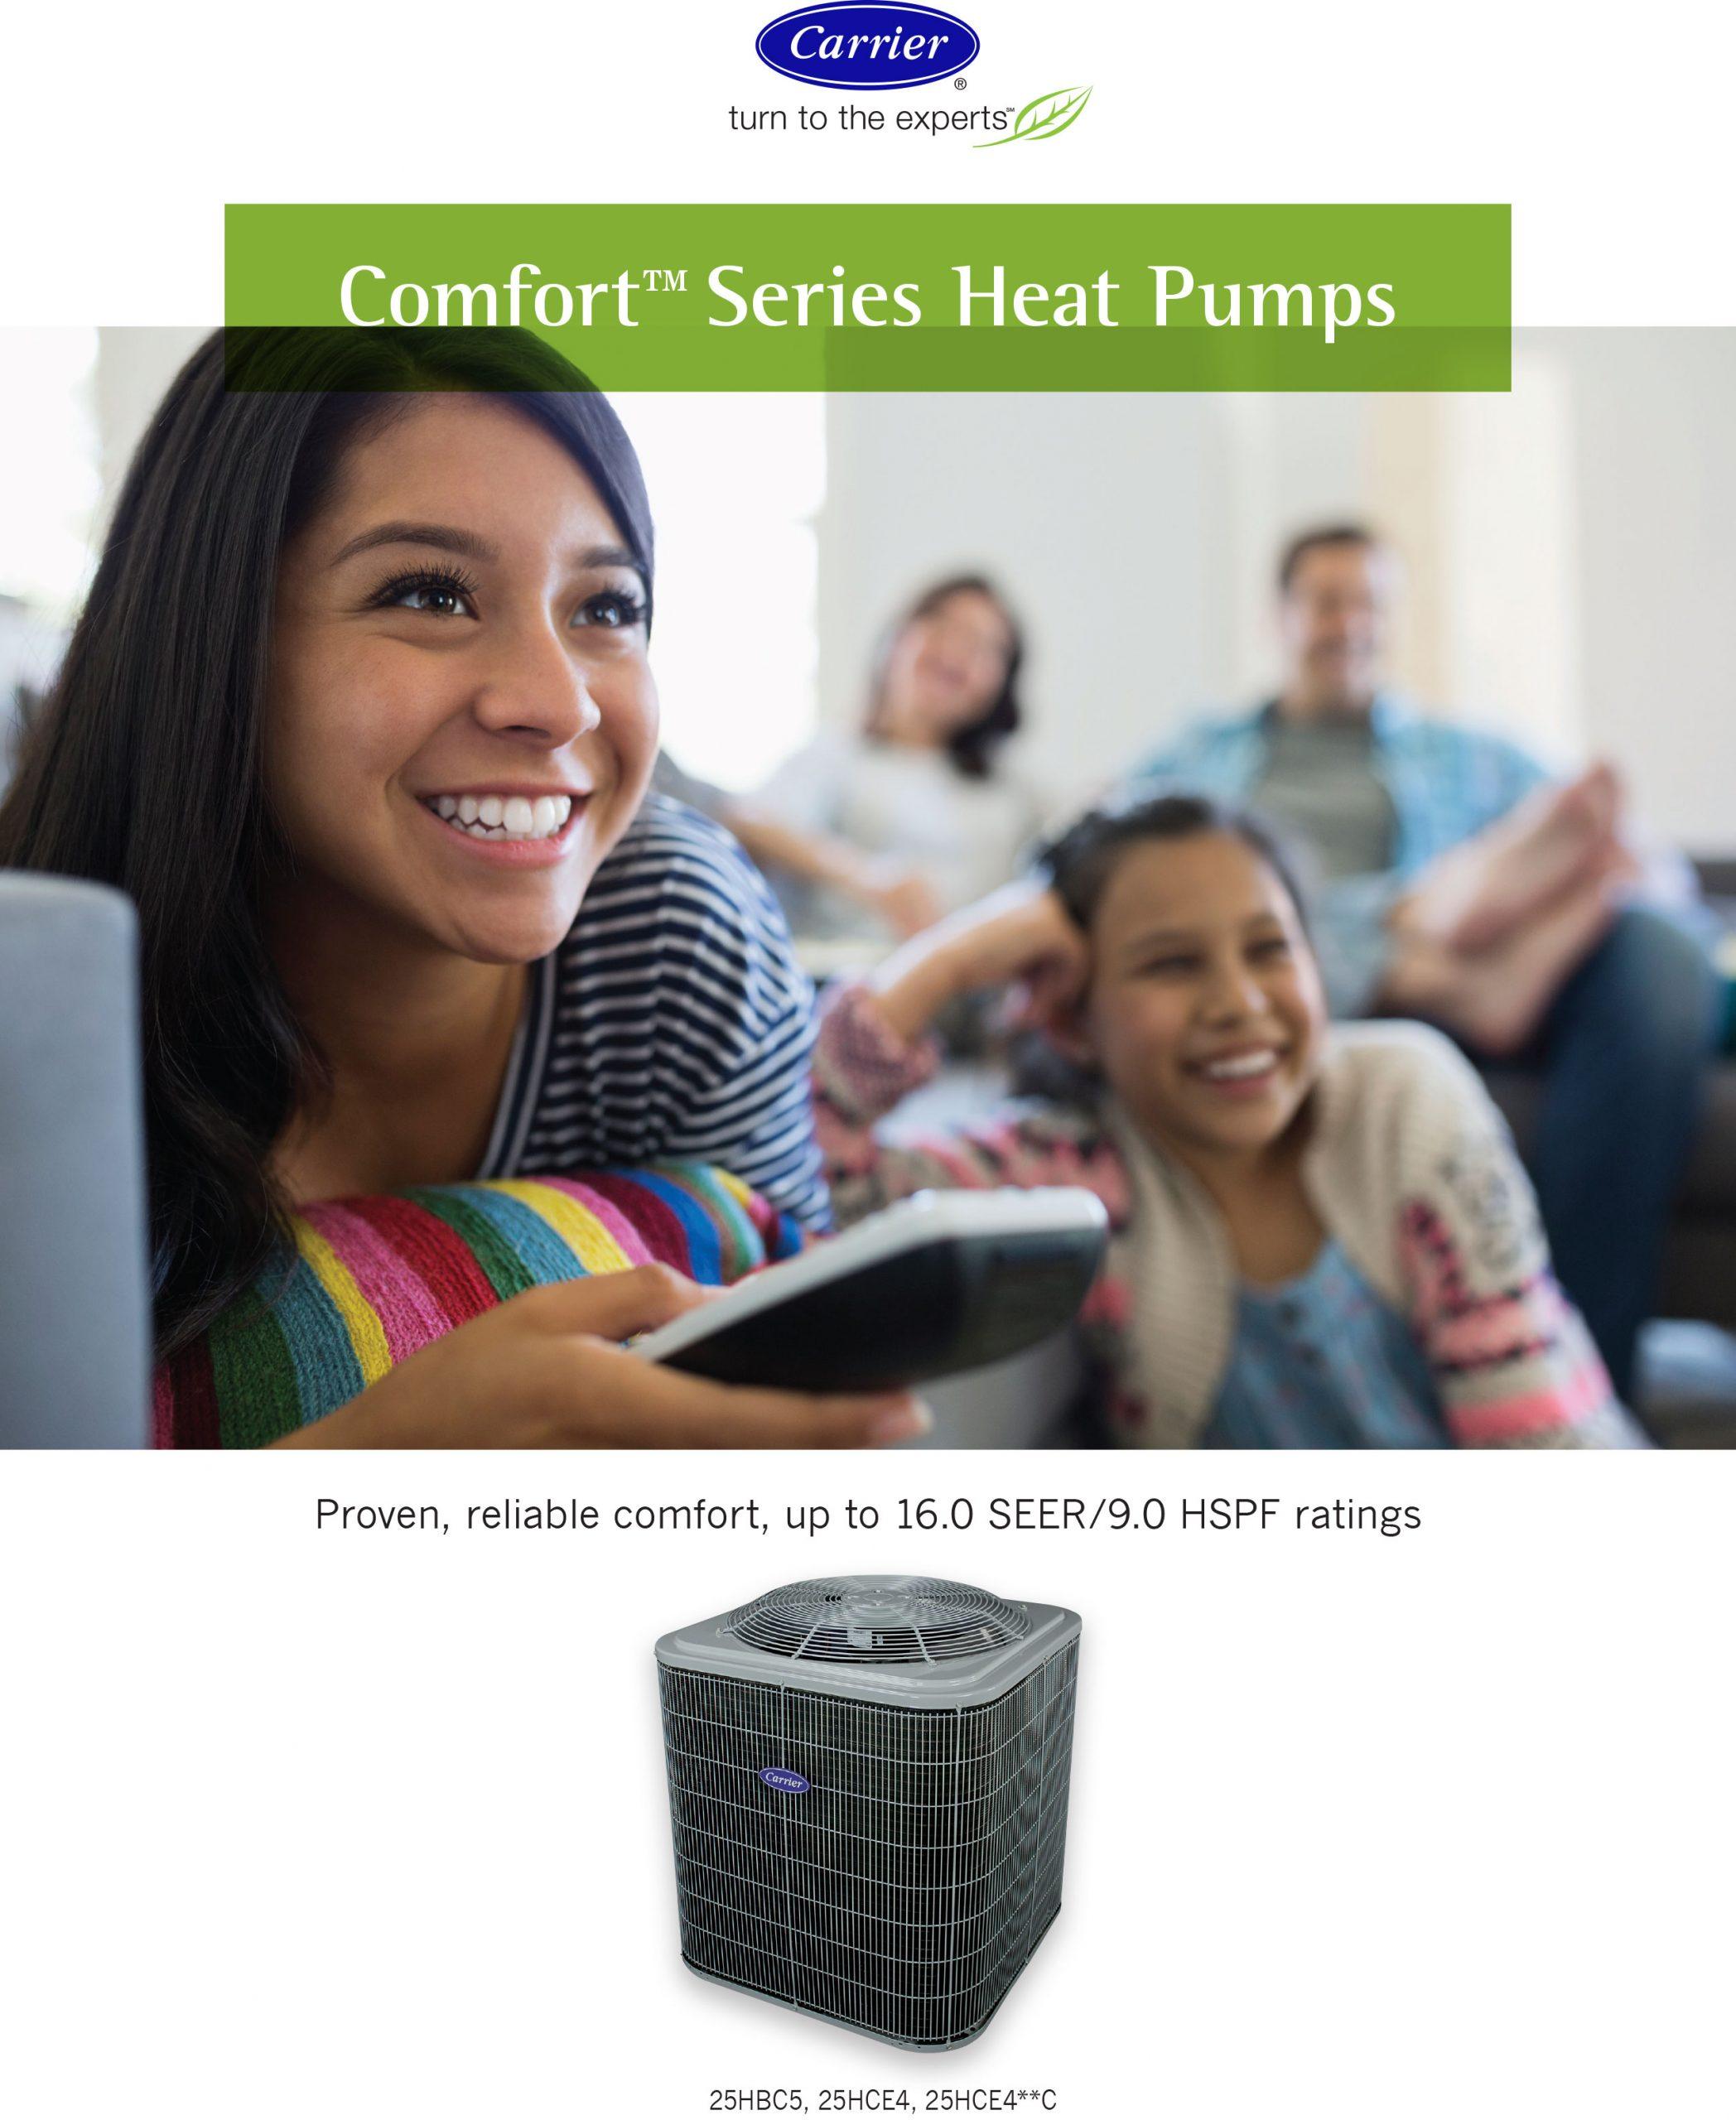 Comfort Series Heat Pumps